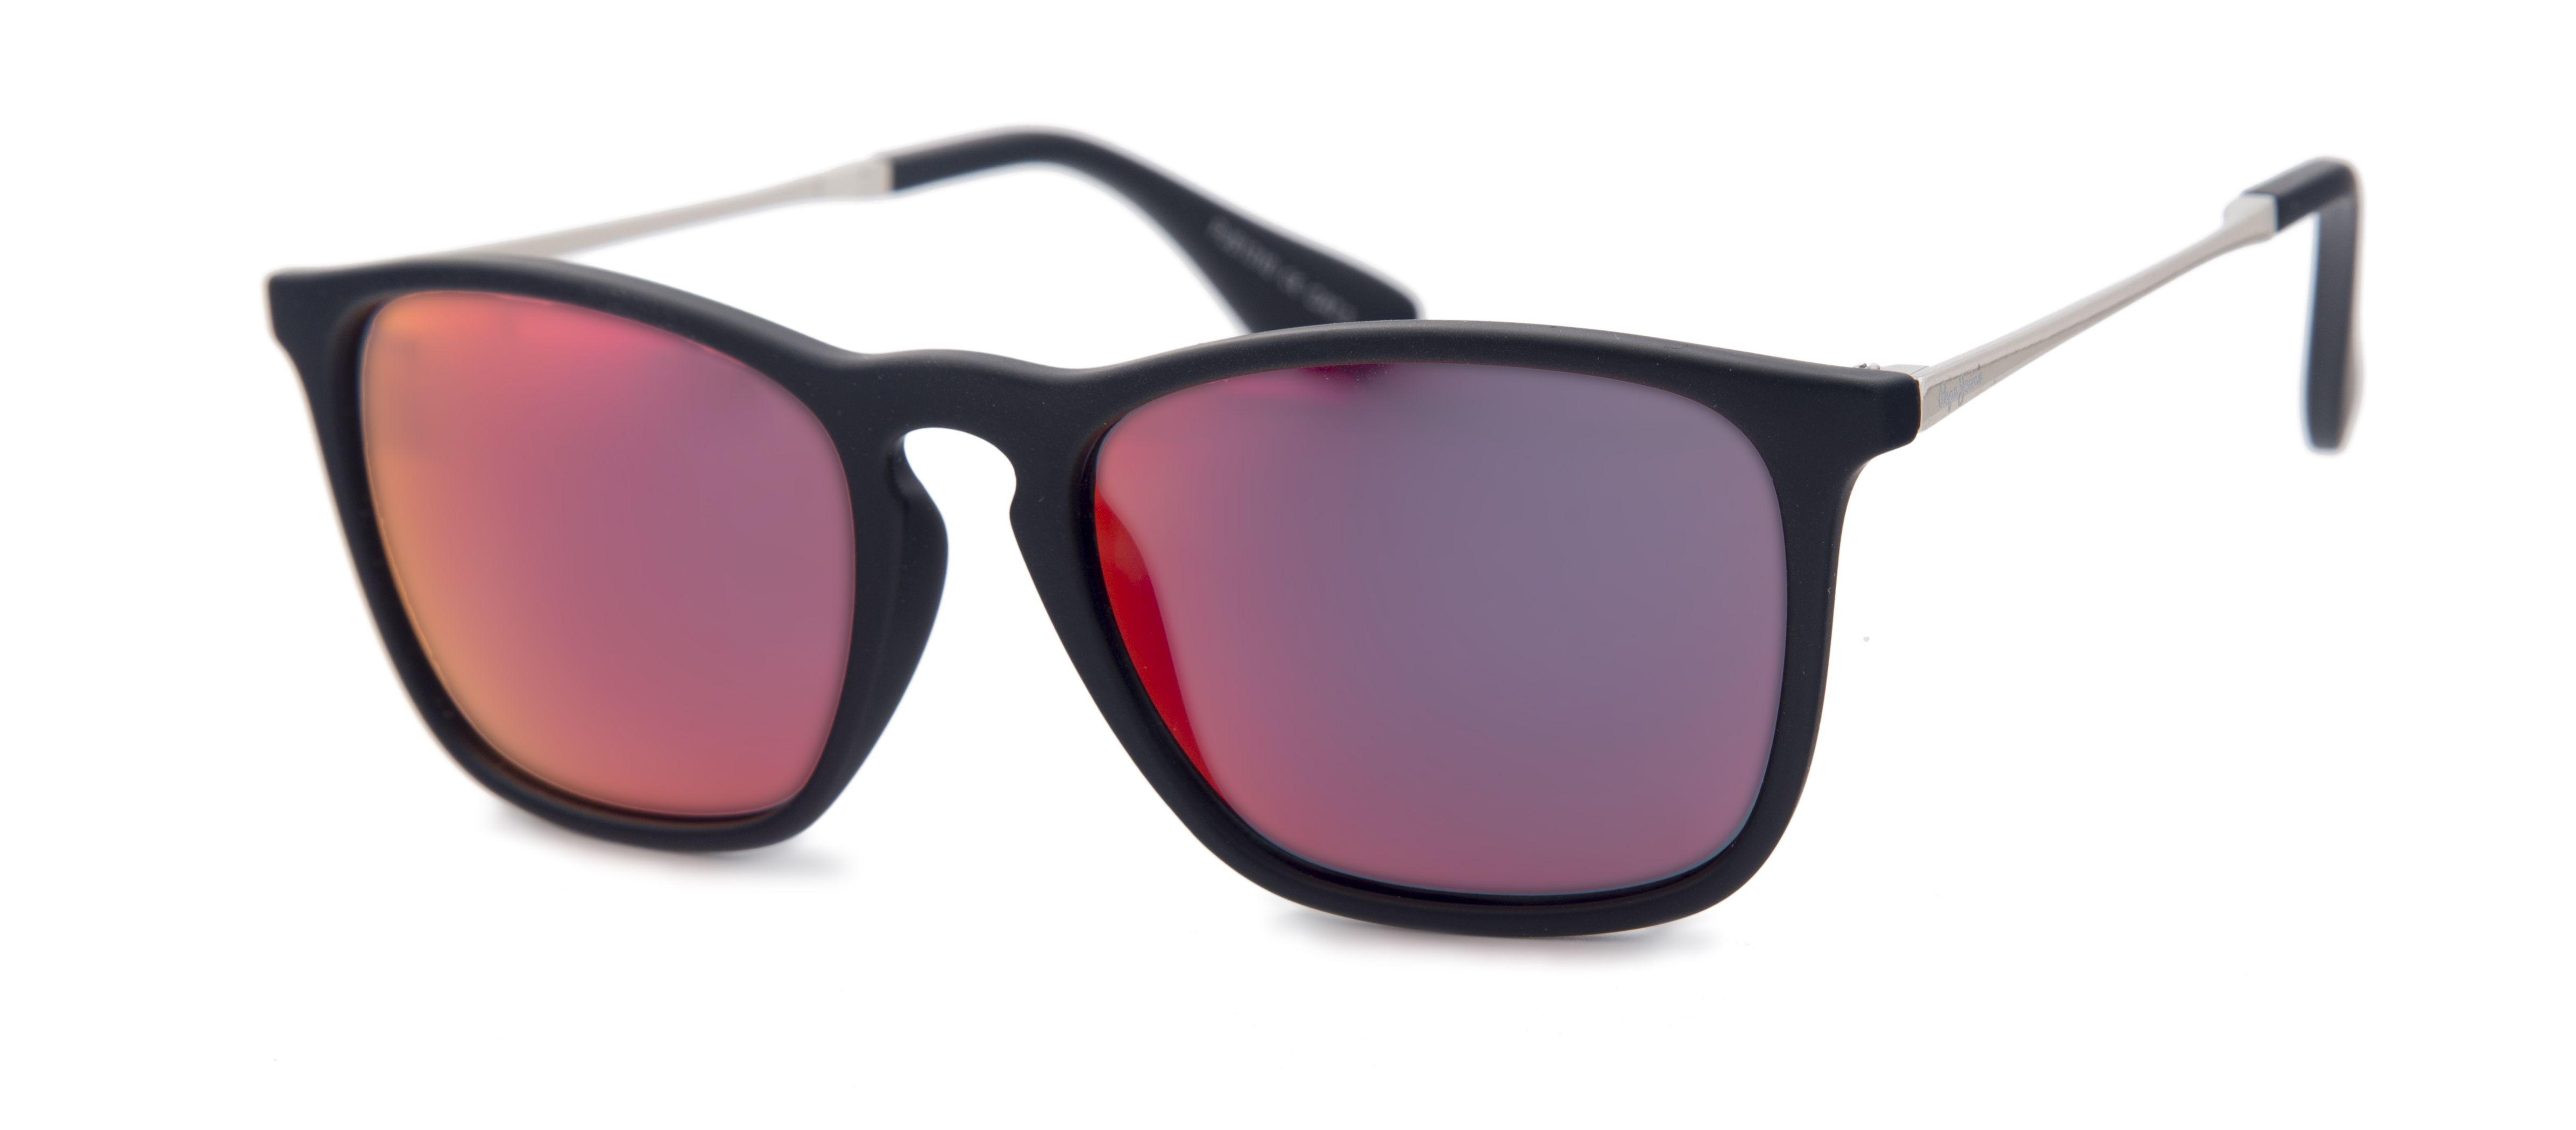 1c1e811889 Gafas de sol Pepe Jeans para Opticalia. Montura de estilo retro en color  negro con cristales de espejo.